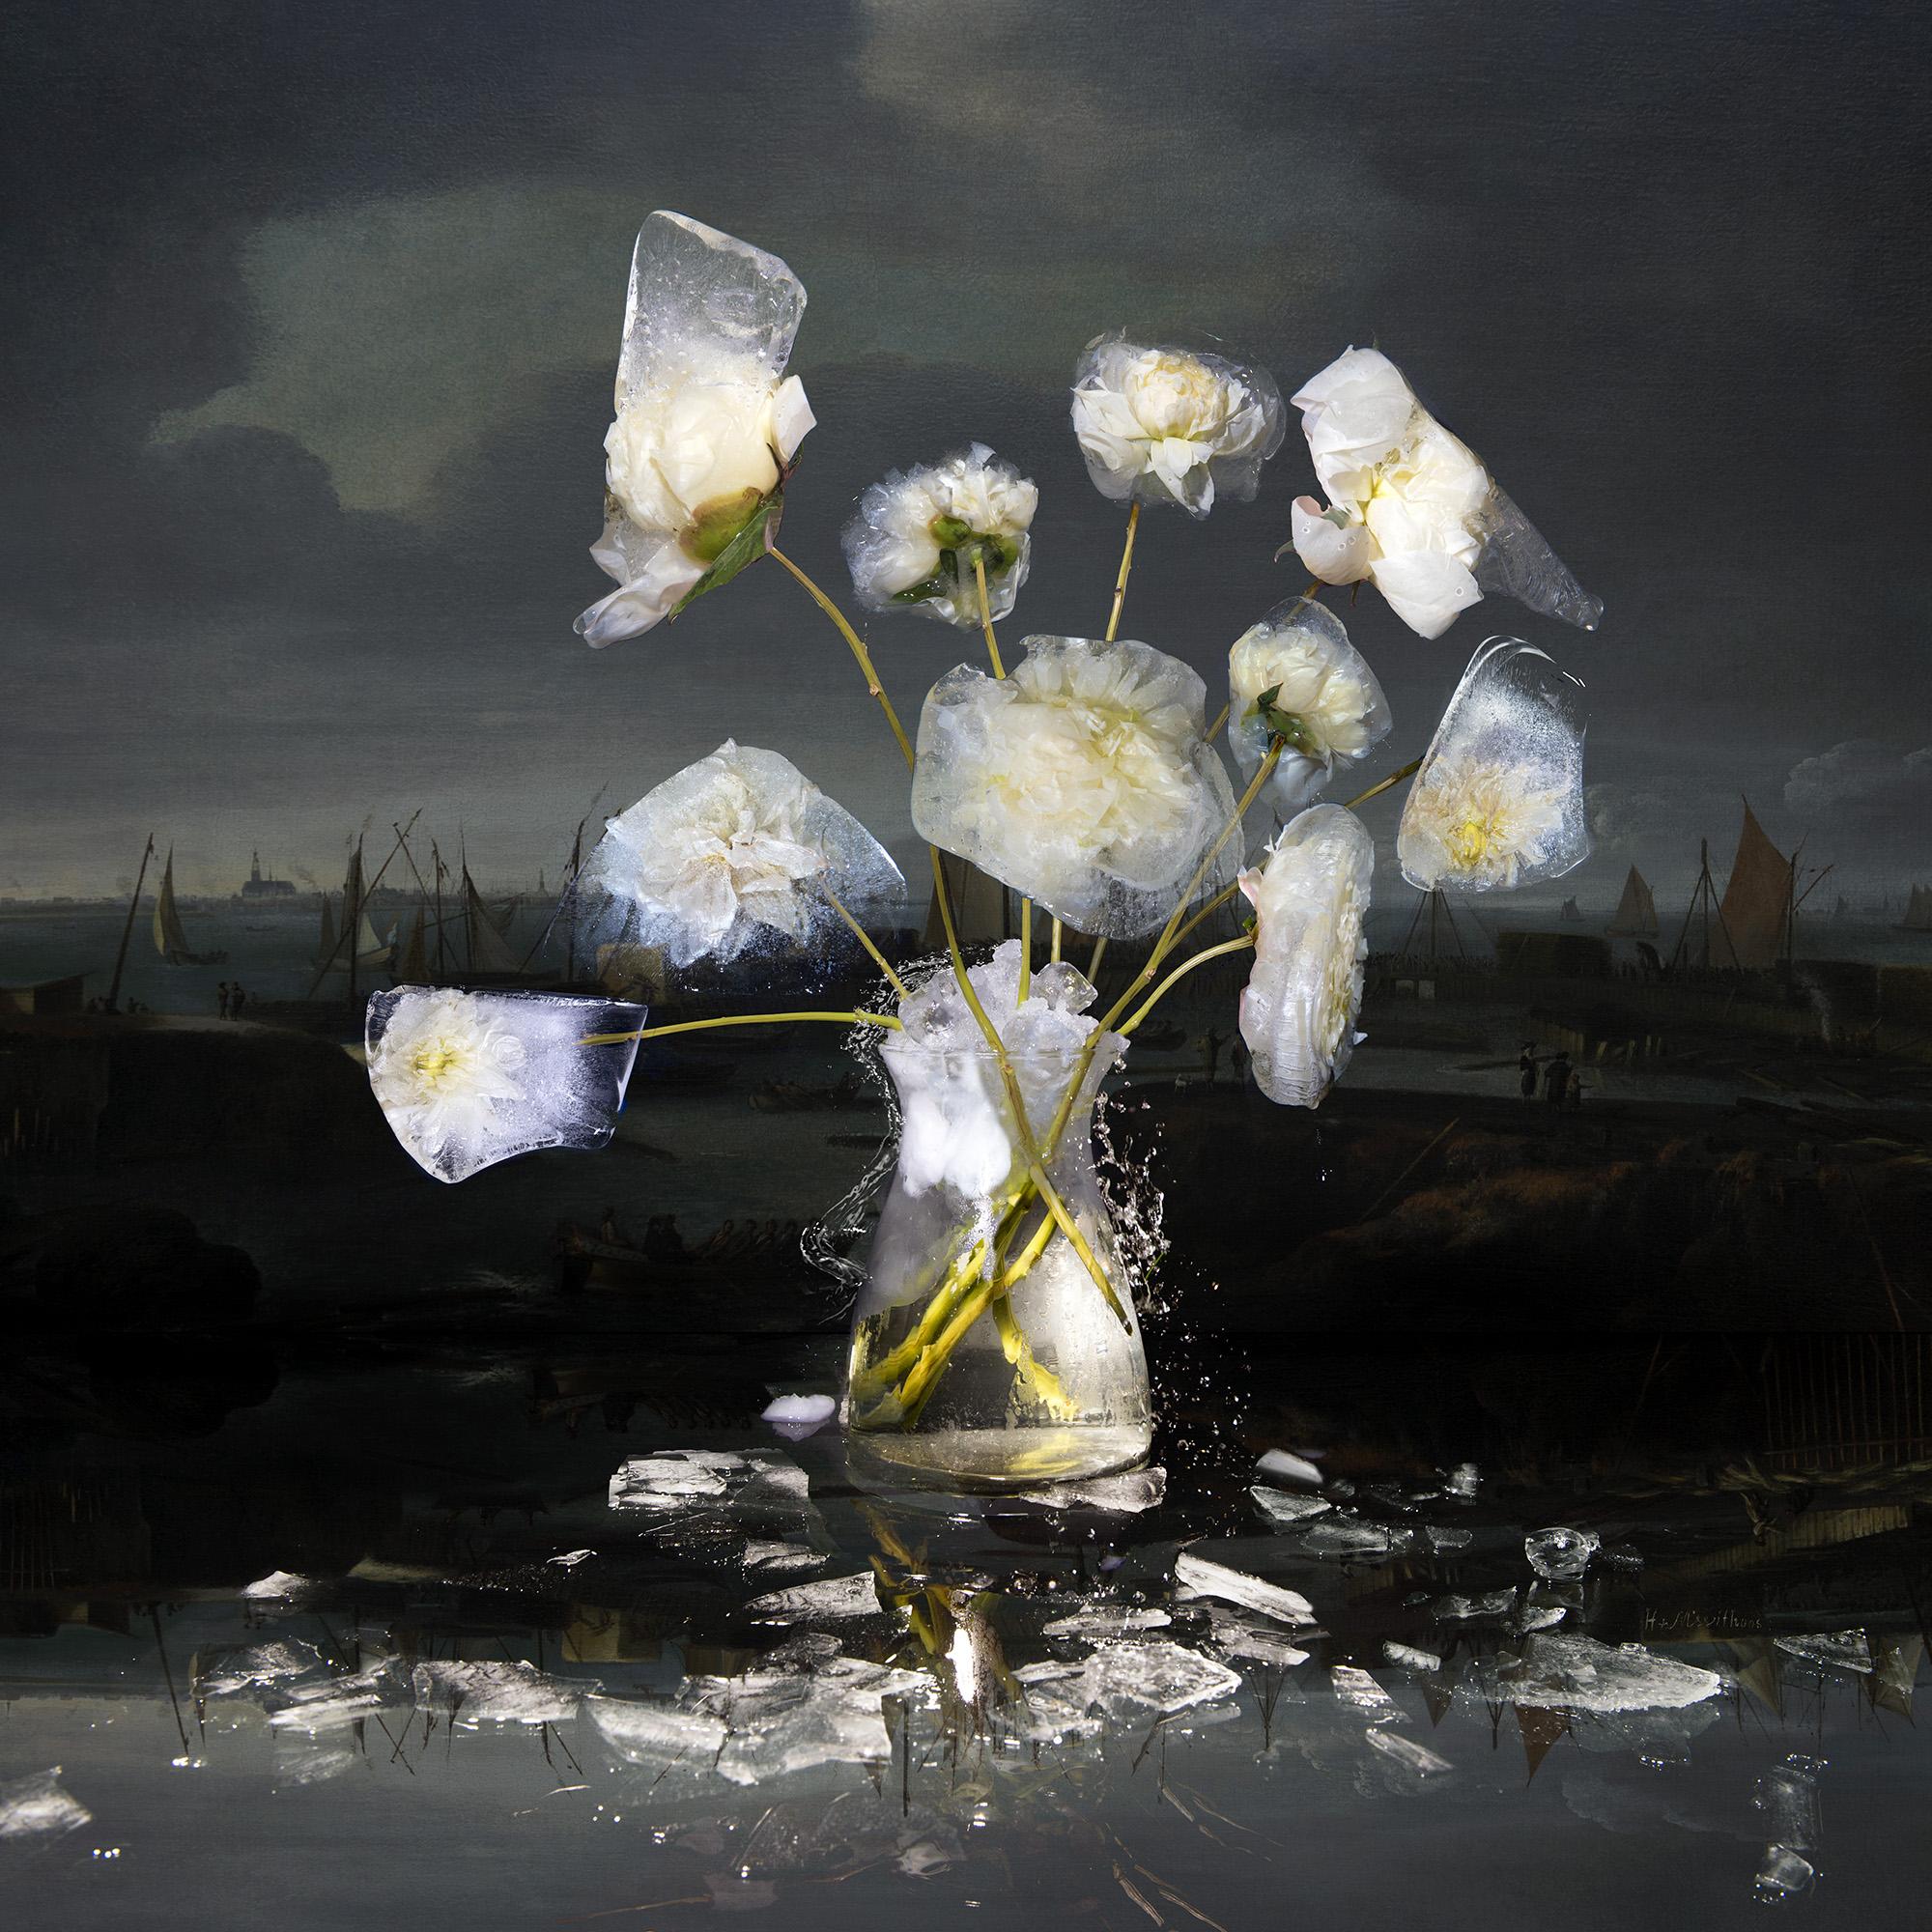 flowers_of_ice.jpg